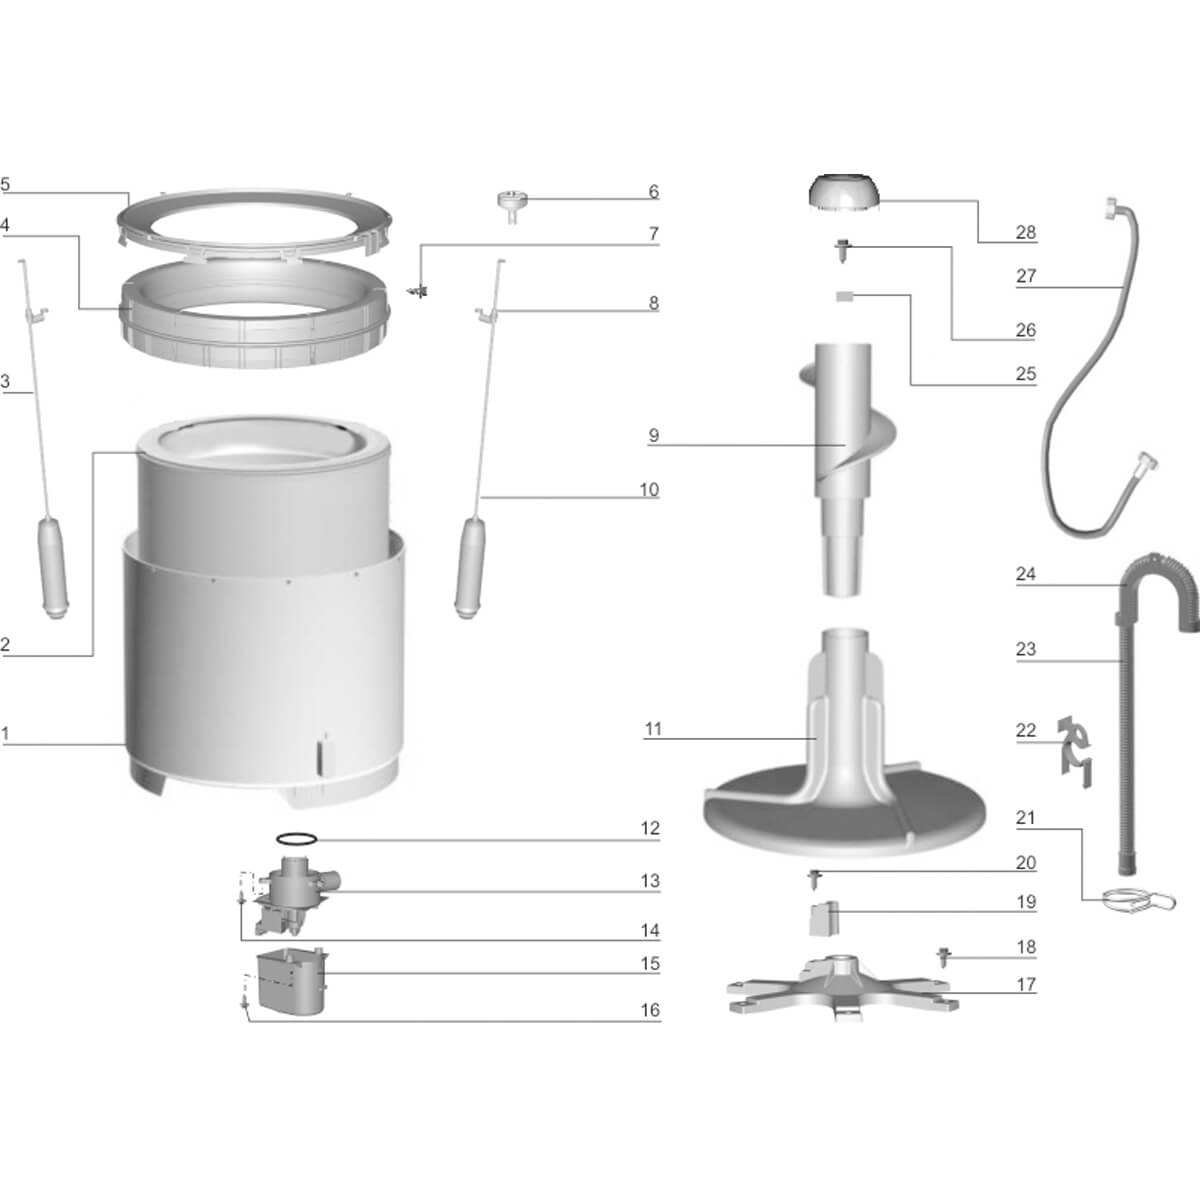 Suspensão Mola Menor Para Lavadora De Roupas Electrolux - 70096005